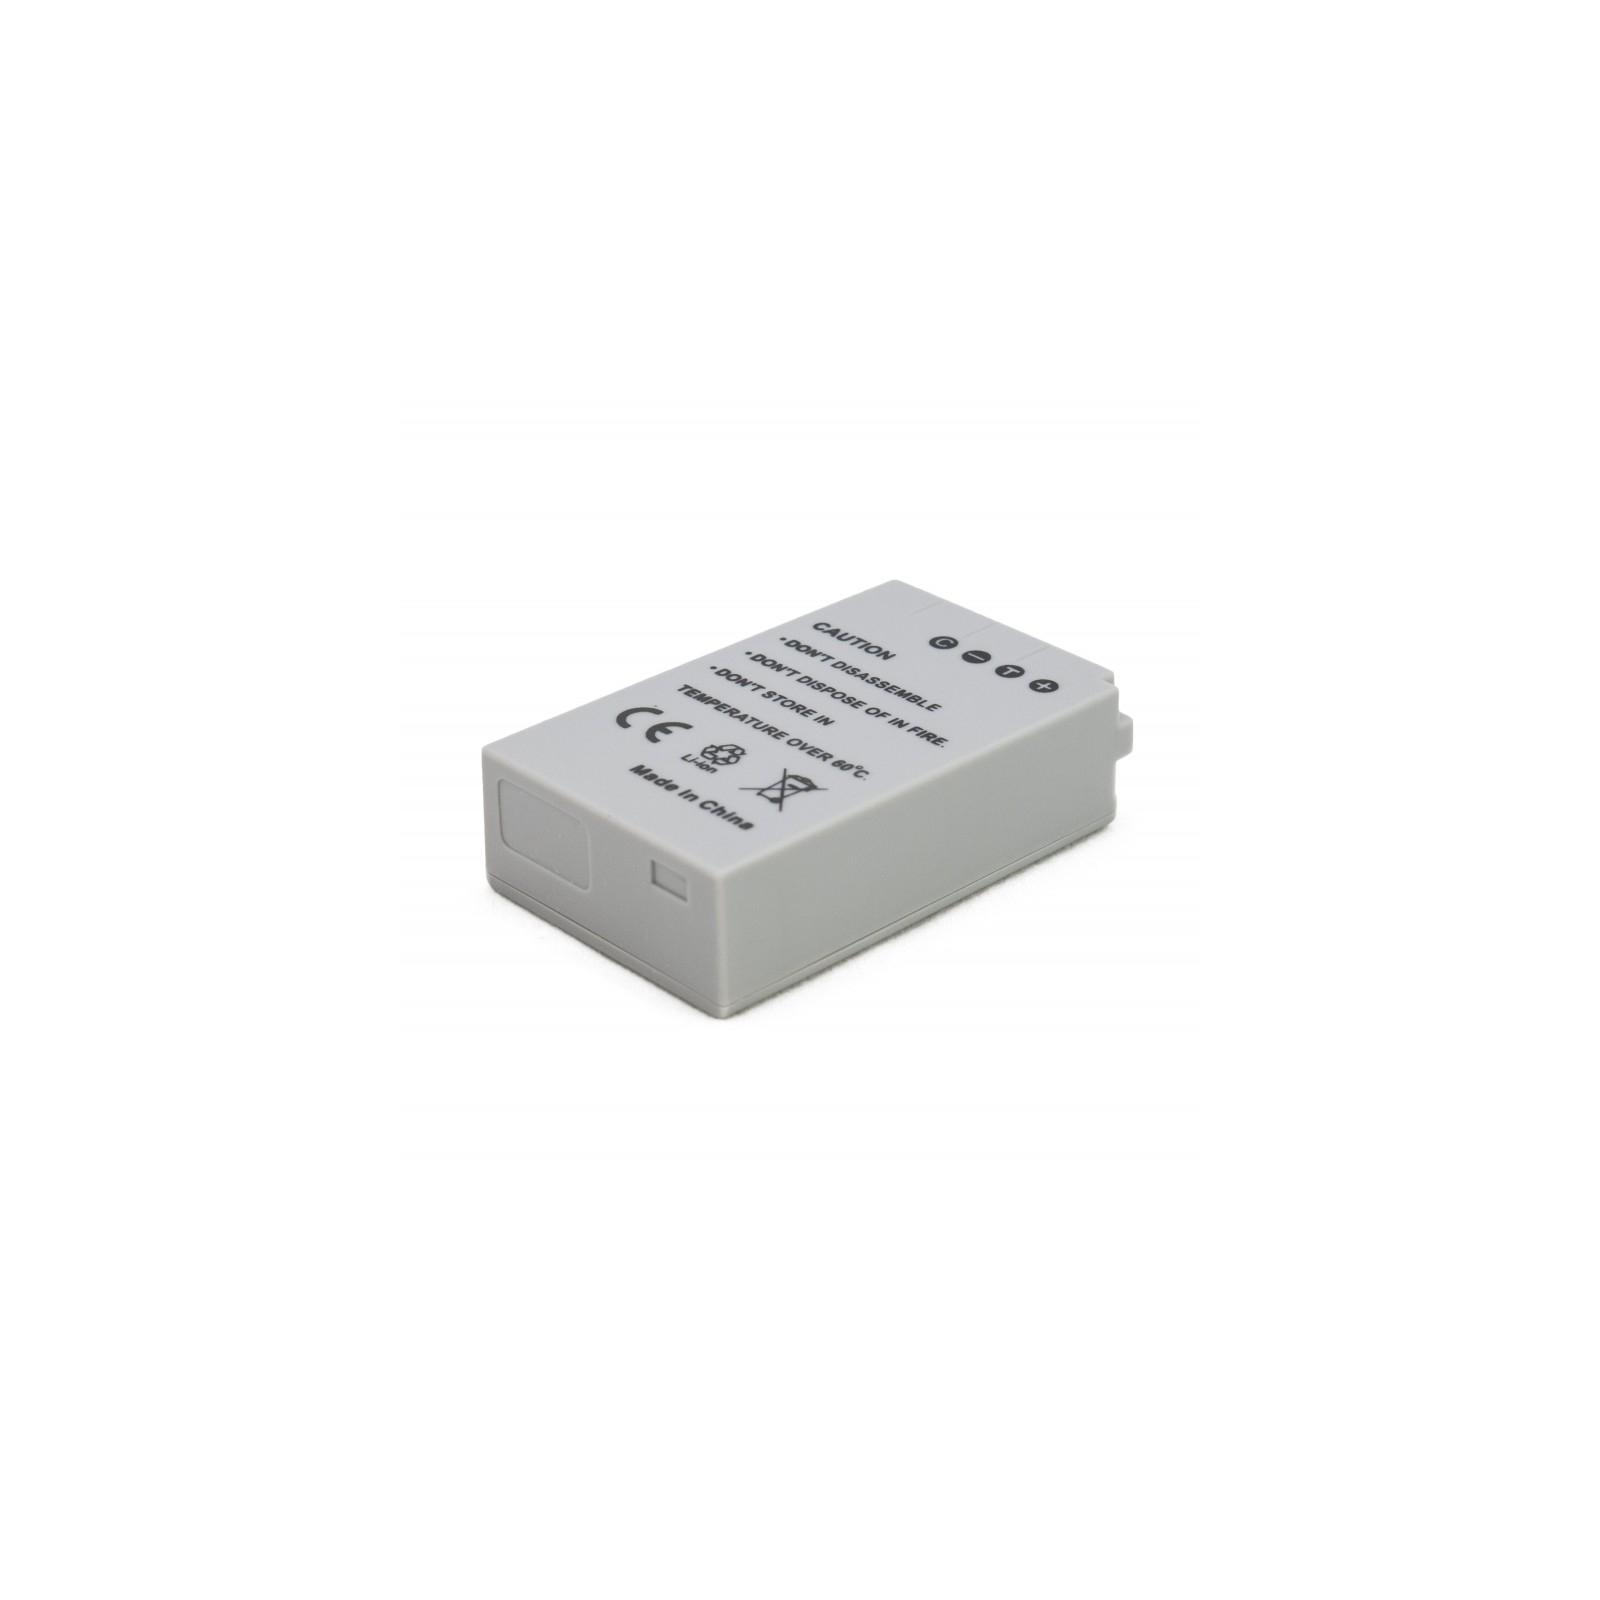 Аккумулятор к фото/видео EXTRADIGITAL Nikon EN-EL24 (BDN2688) изображение 5